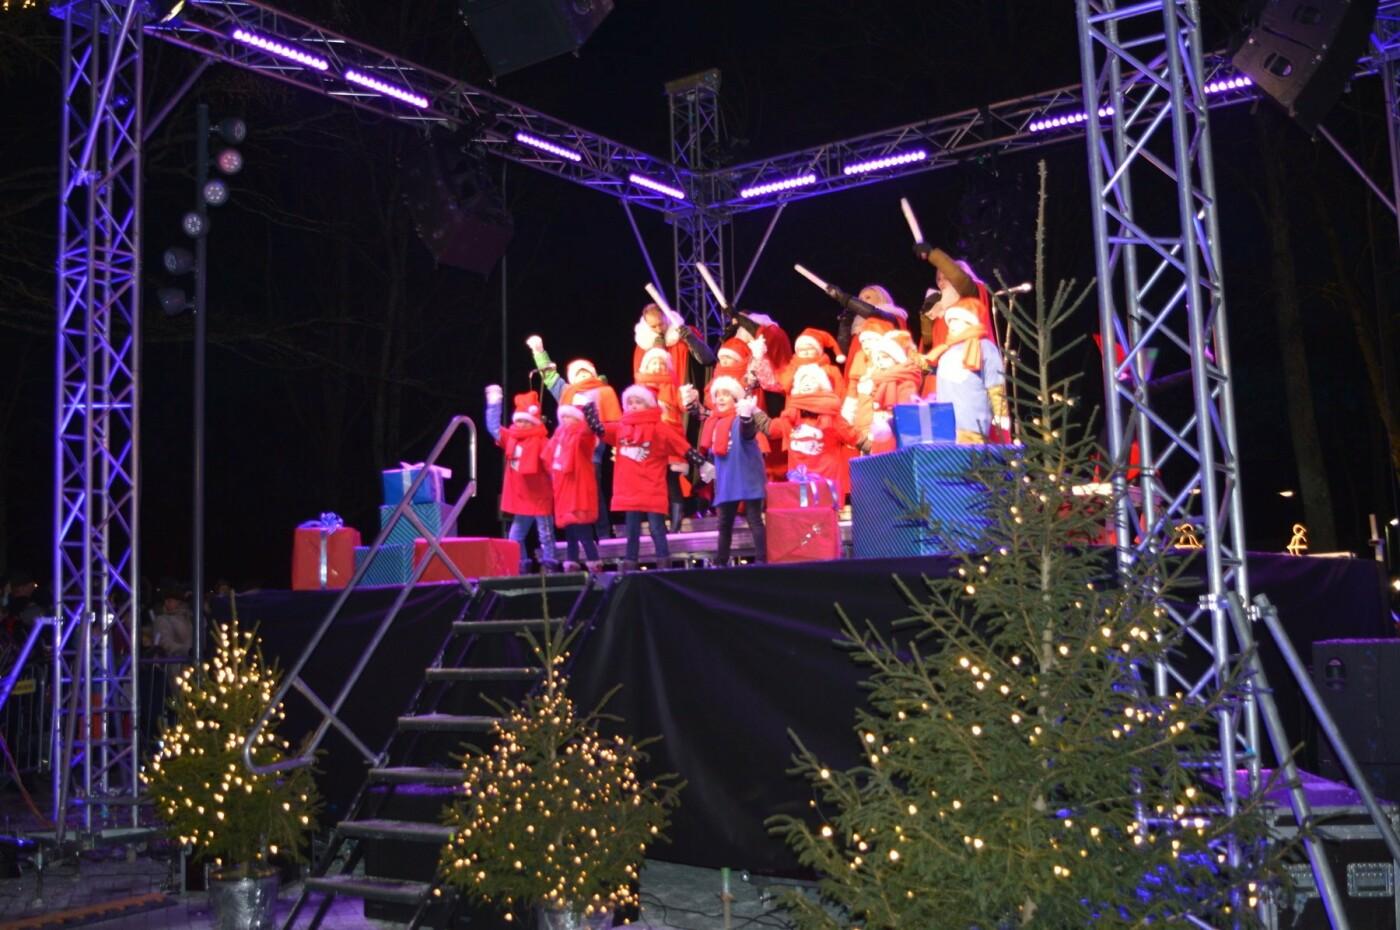 Palanga įžiebė eglę ir suspindo tūkstančiais kalėdinių šviesų, nuotrauka-61